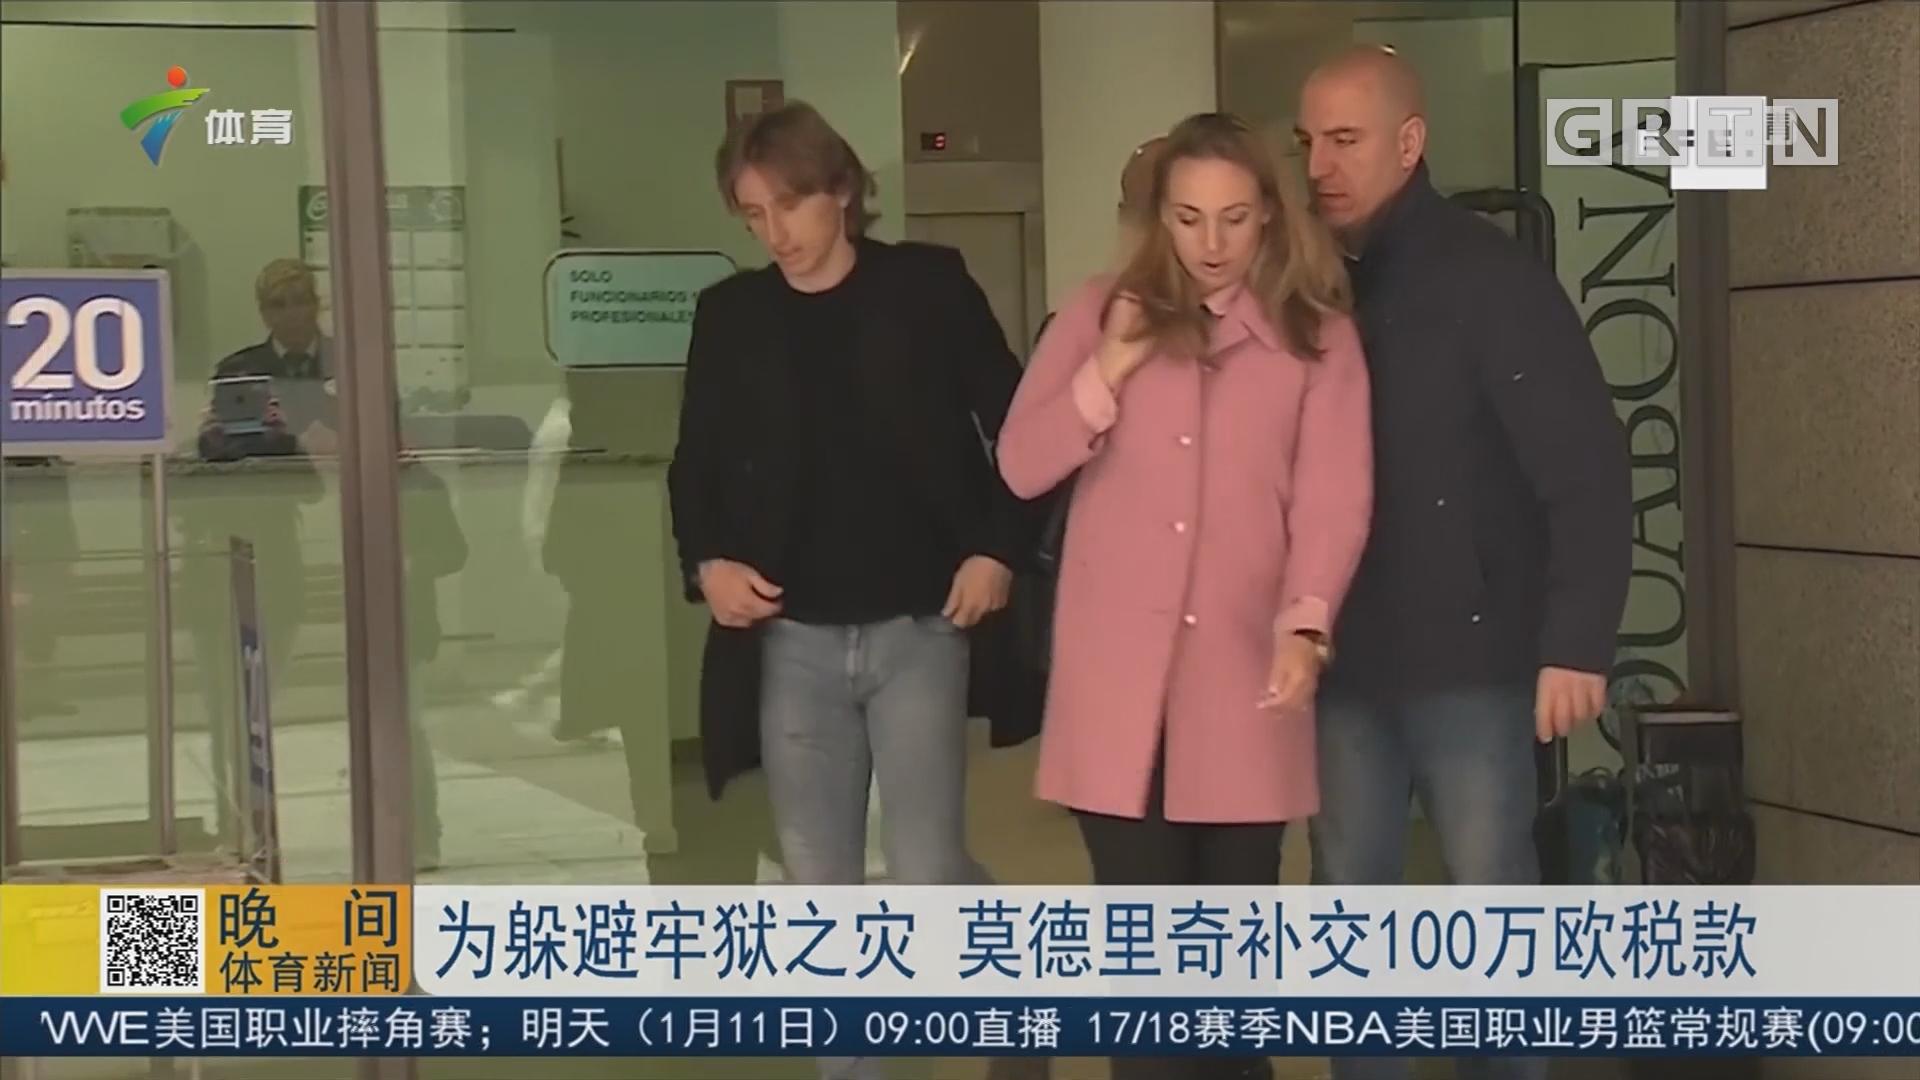 为躲避牢狱之灾 莫德里奇补交100万欧税款